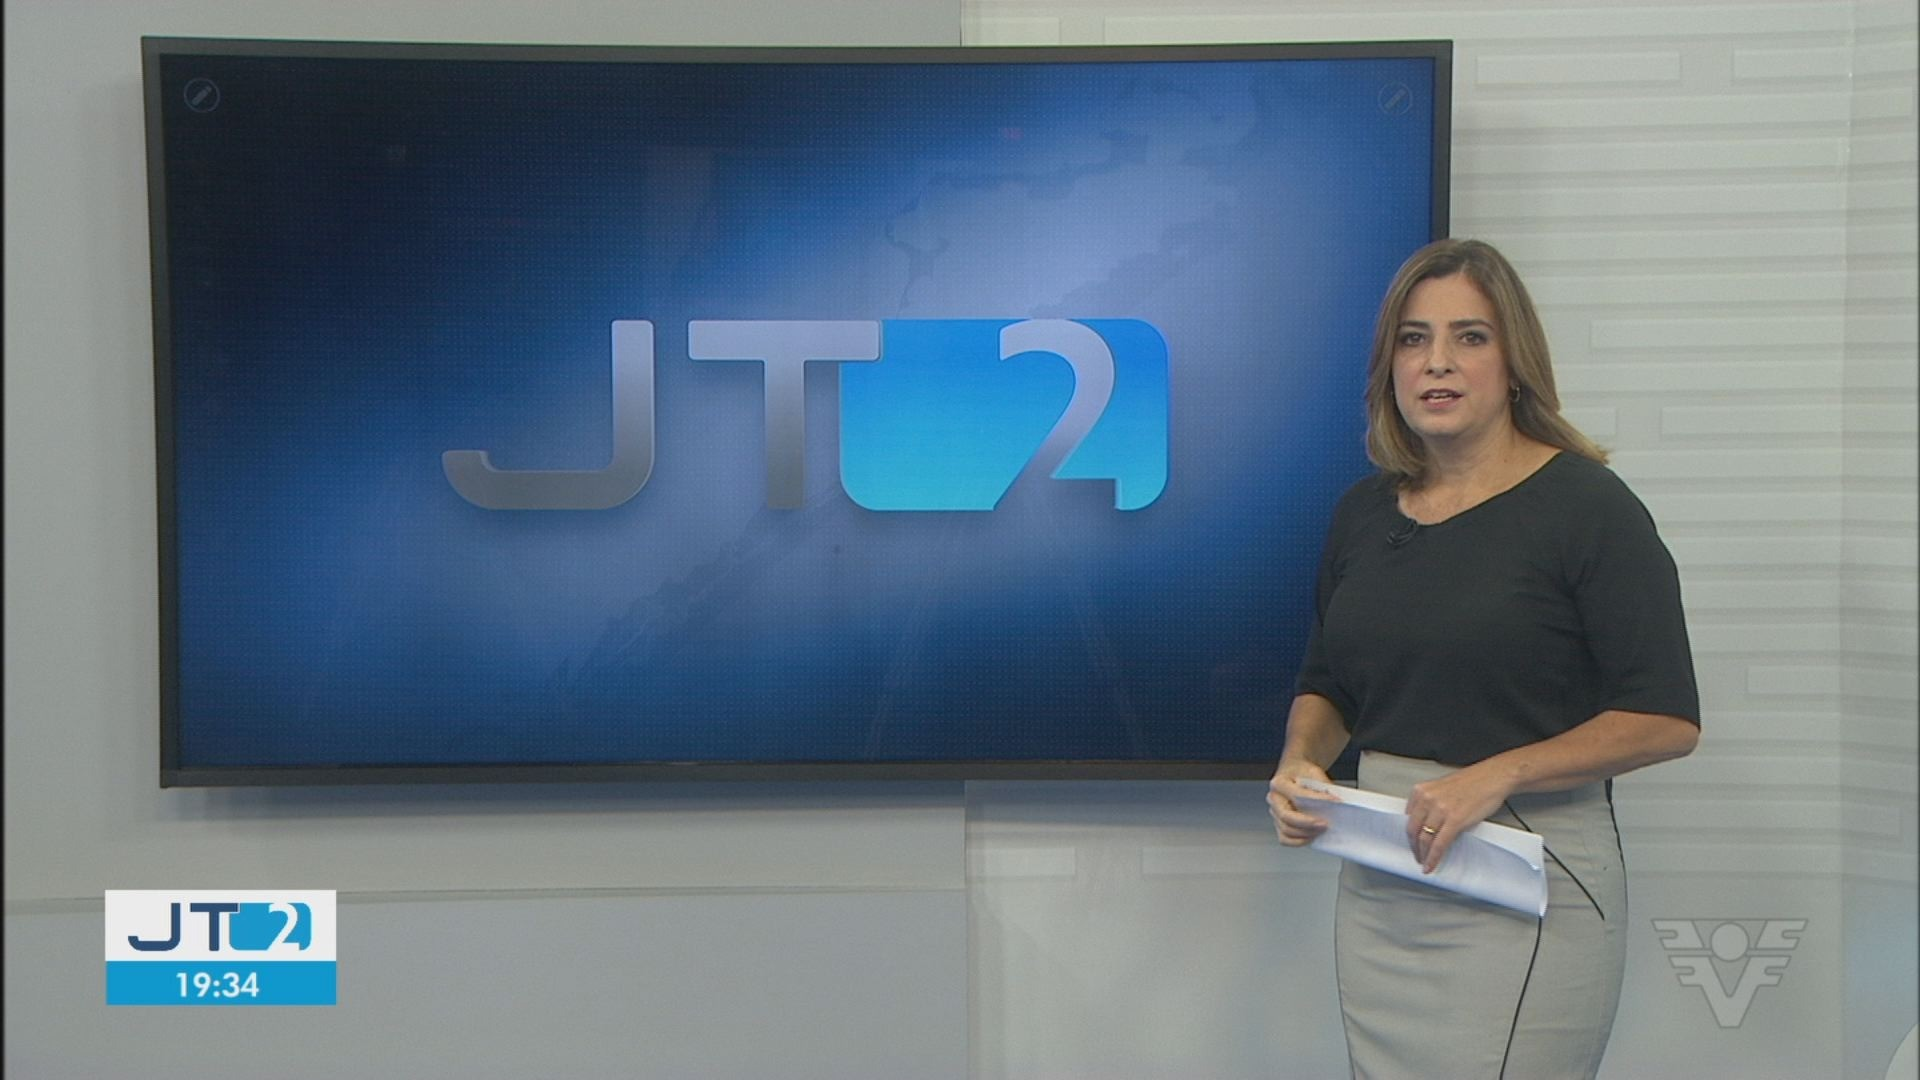 VÍDEOS: Jornal da Tribuna 2ª Edição de terça-feira, 20 de outubro